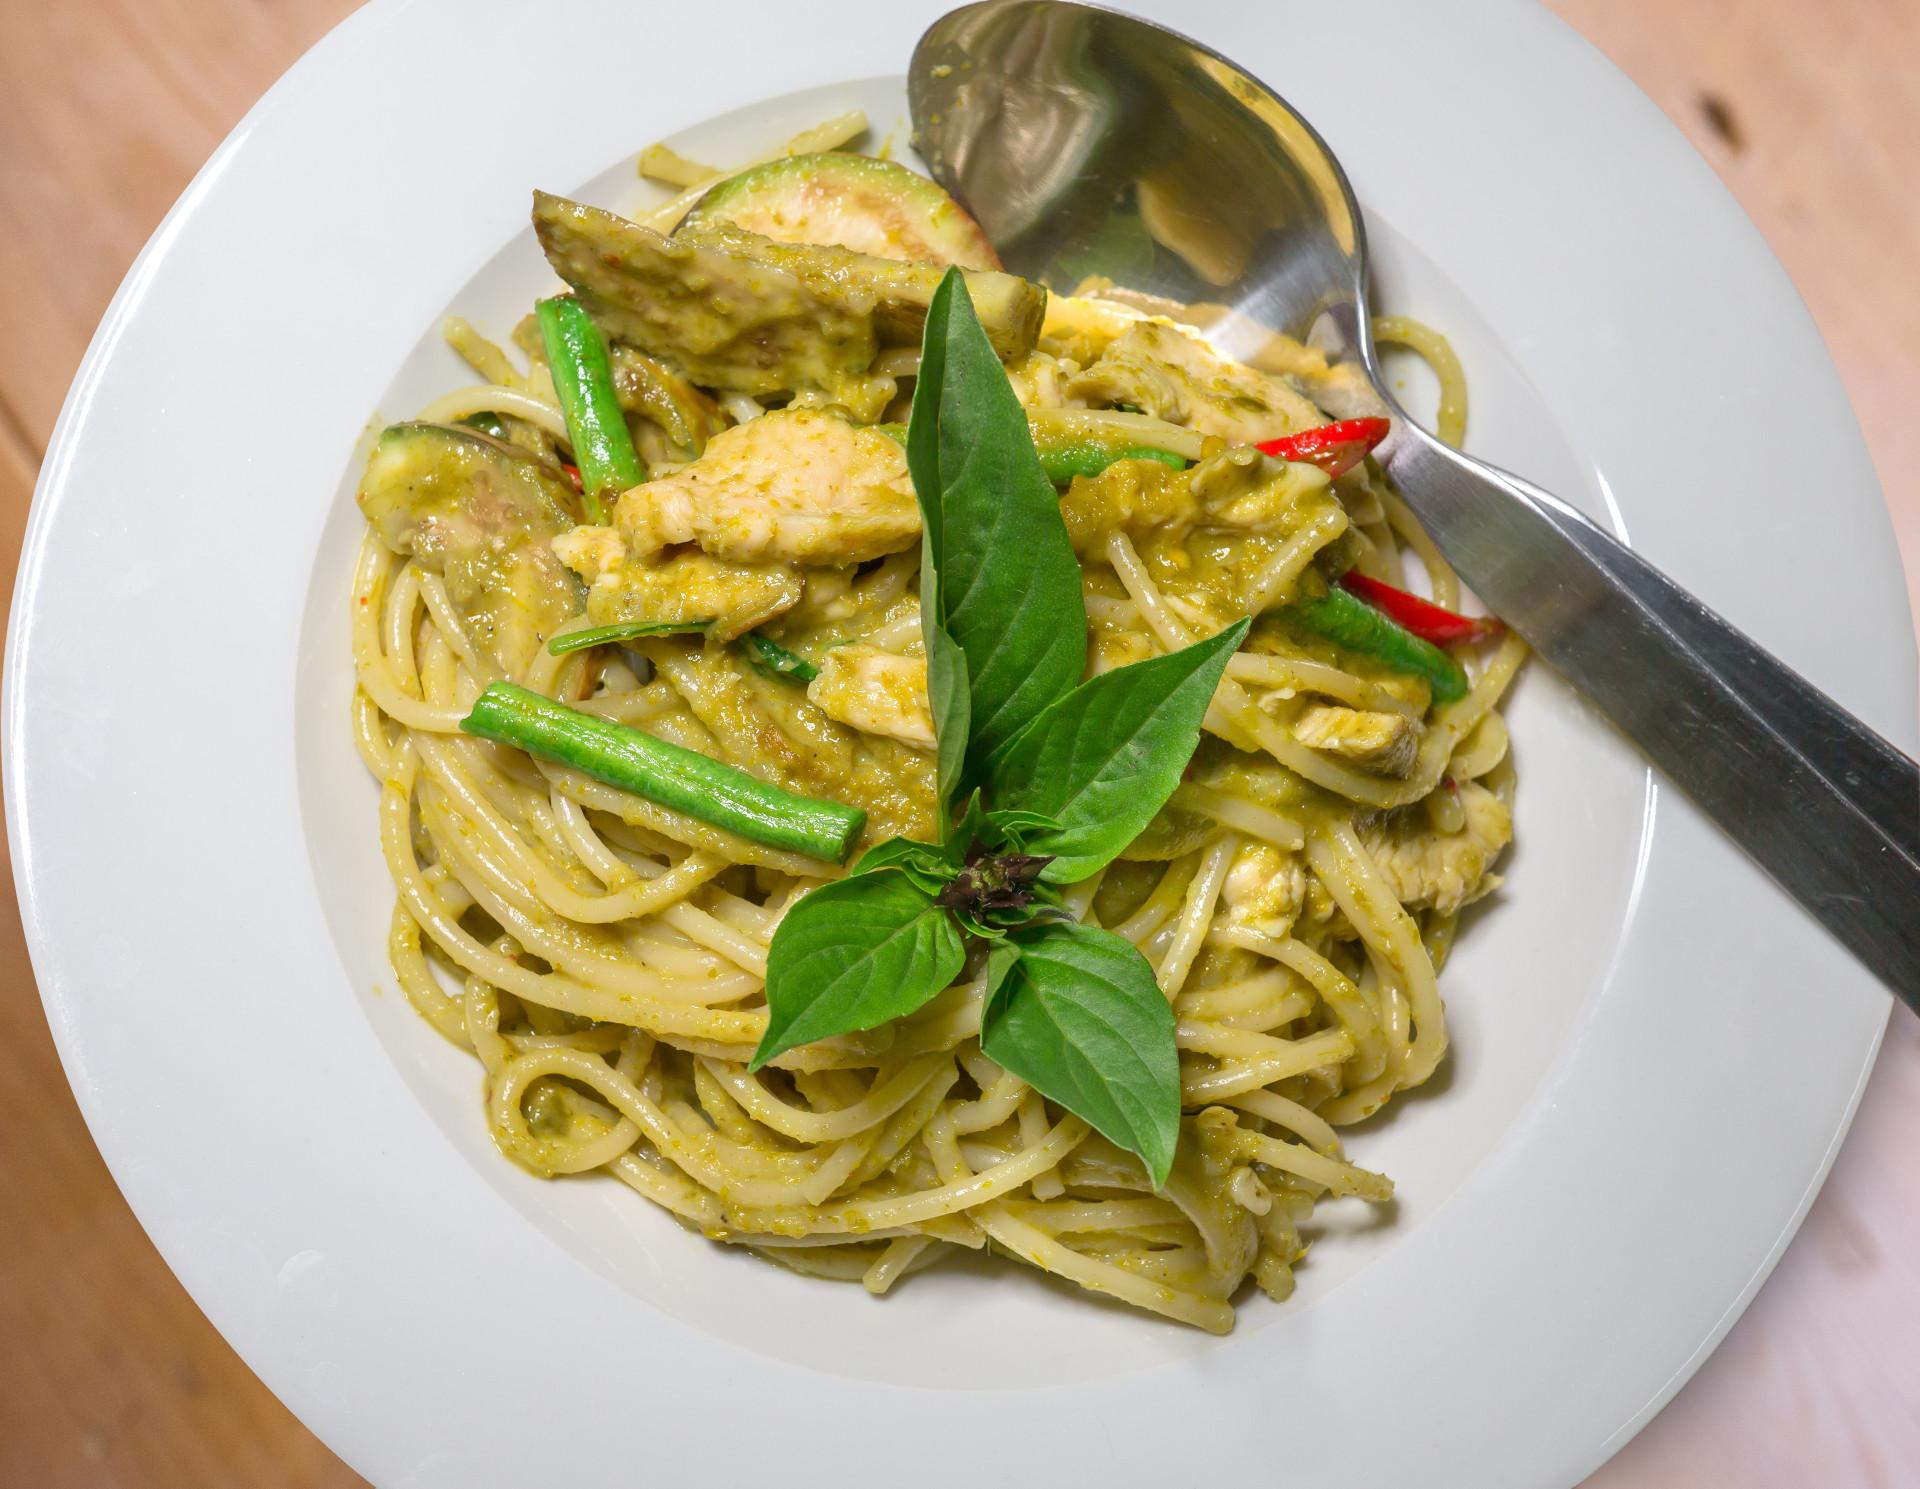 Fusiones gastronómicas: ¿saben bien o mal?